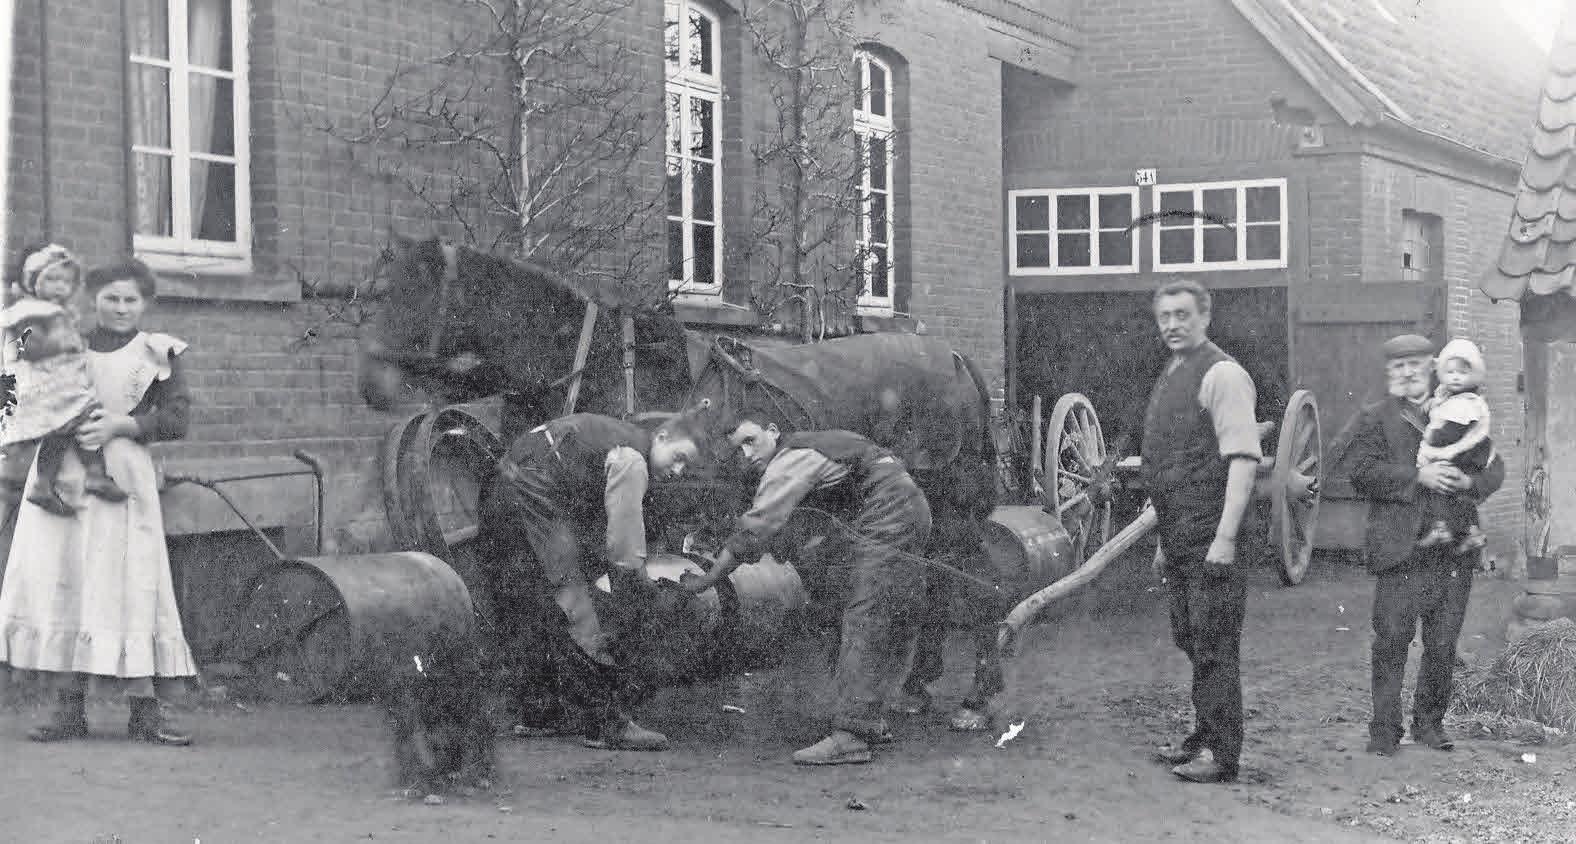 Schon Anfang des vergangenen Jahrhunderts gab es eine Schmiede an der Stelle, an der jetzt die Goldschmiede Wegner ihren Sitz hat. Das Archivfoto stammt aus der Zeit um 1920.